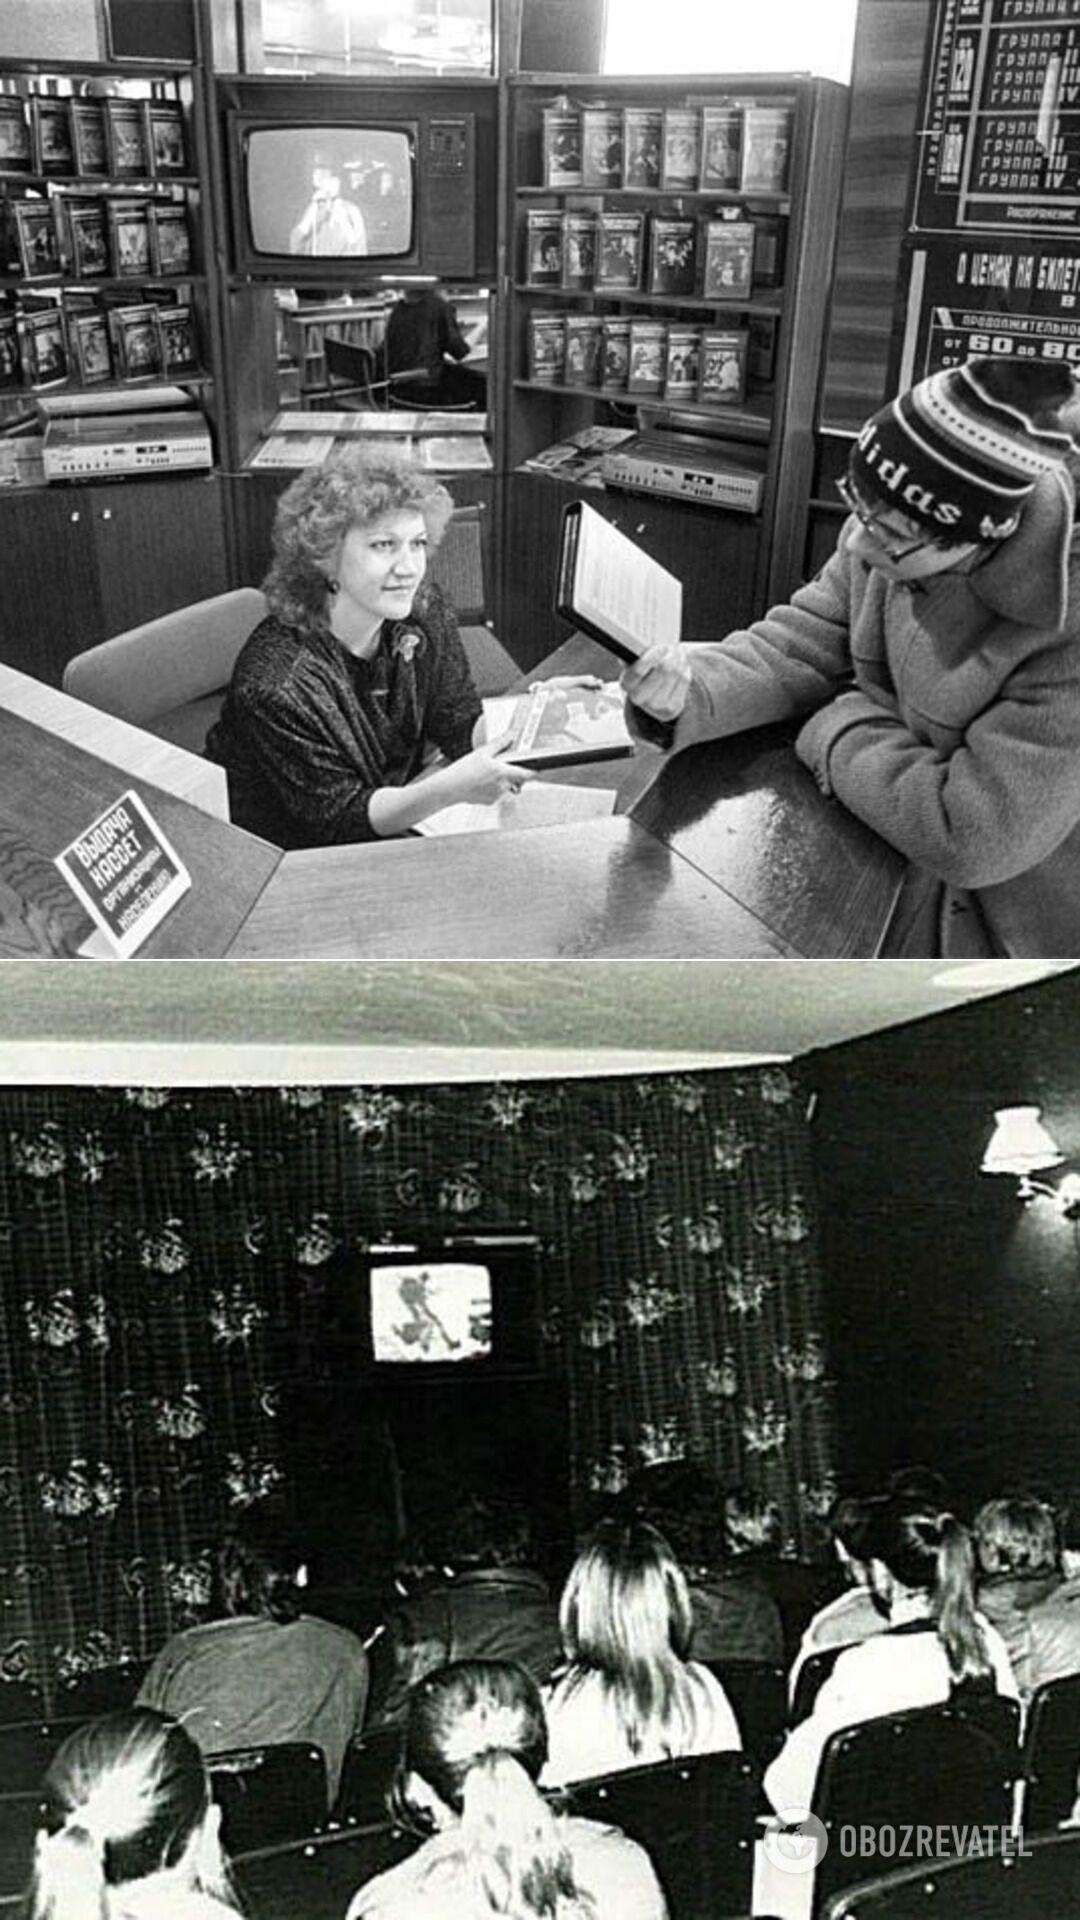 В видеосалонах советские люди смотрели западные фильмы, которые еще больше разжигали в них интерес к заграничным вещам